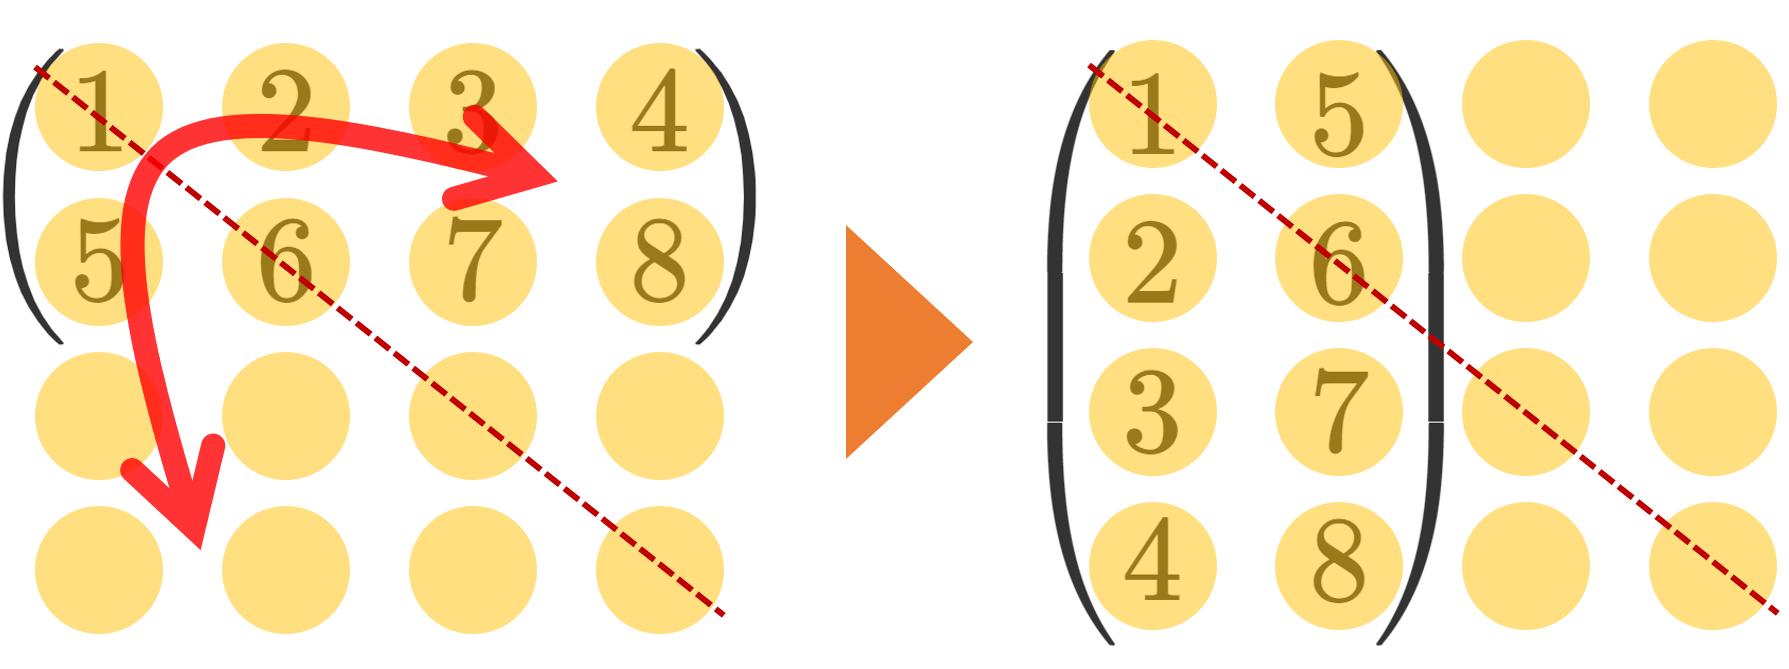 転置行列の定義と基本的な性質の証明